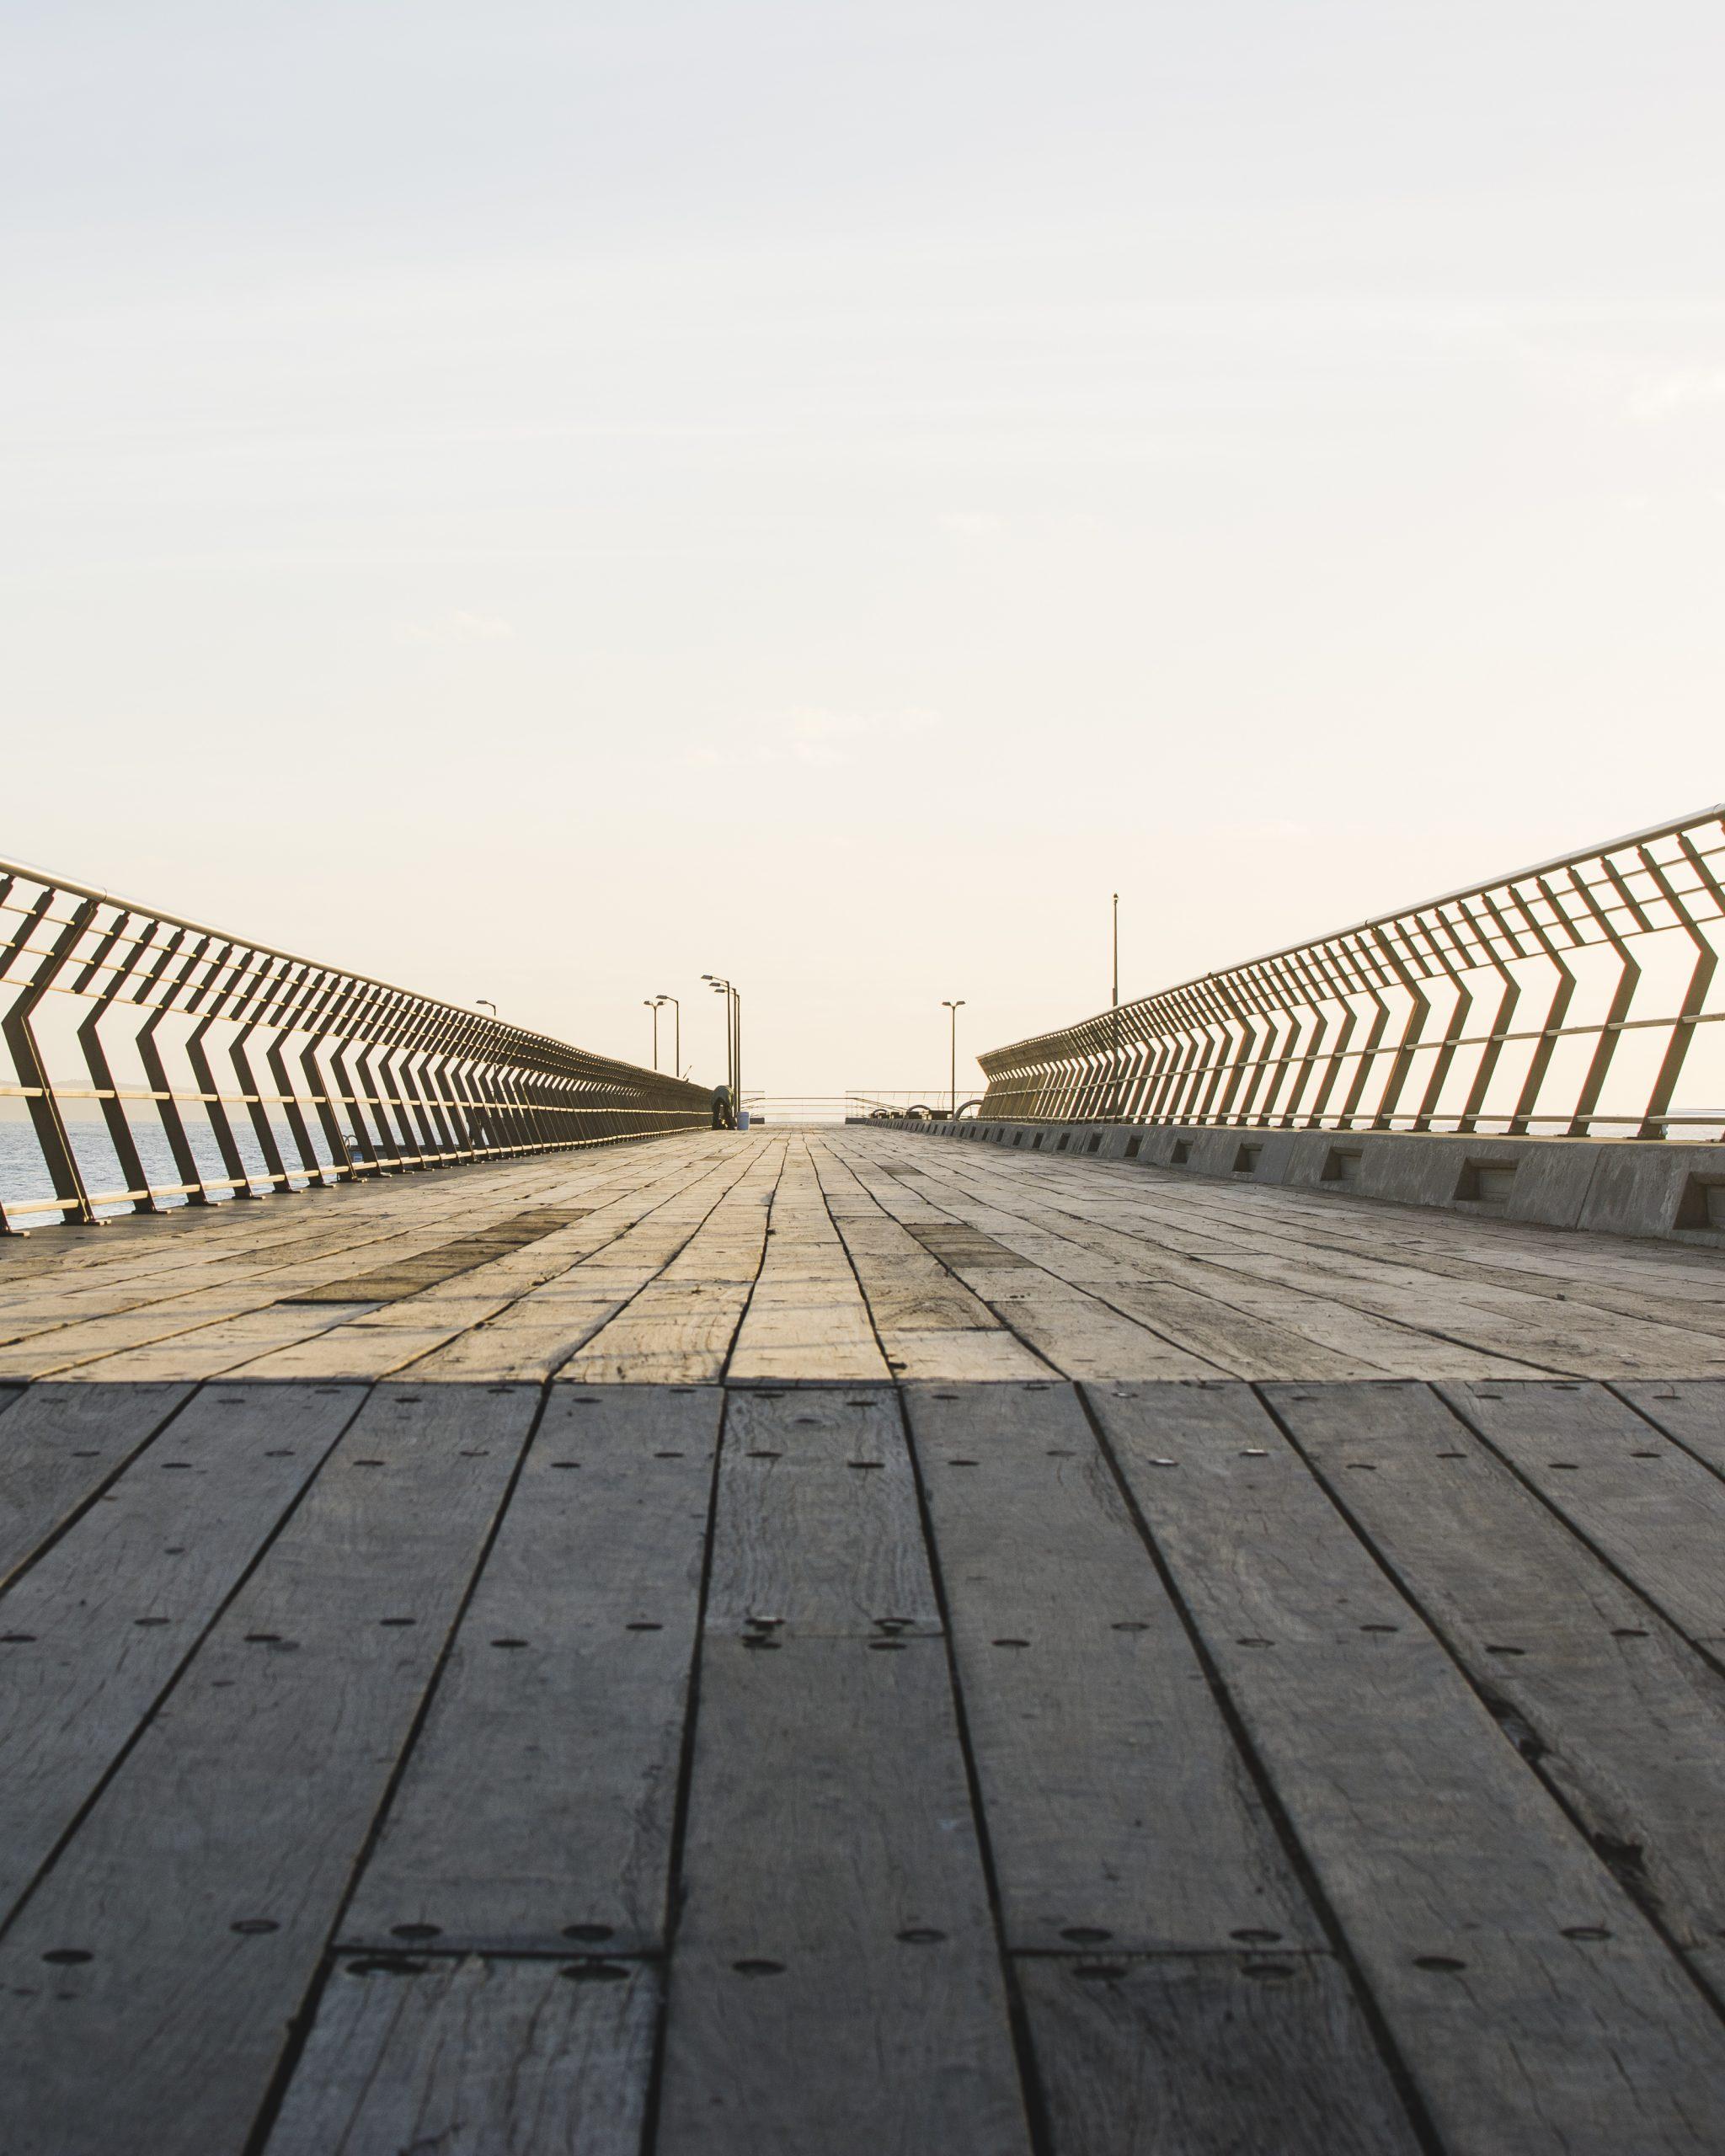 Bridge-21